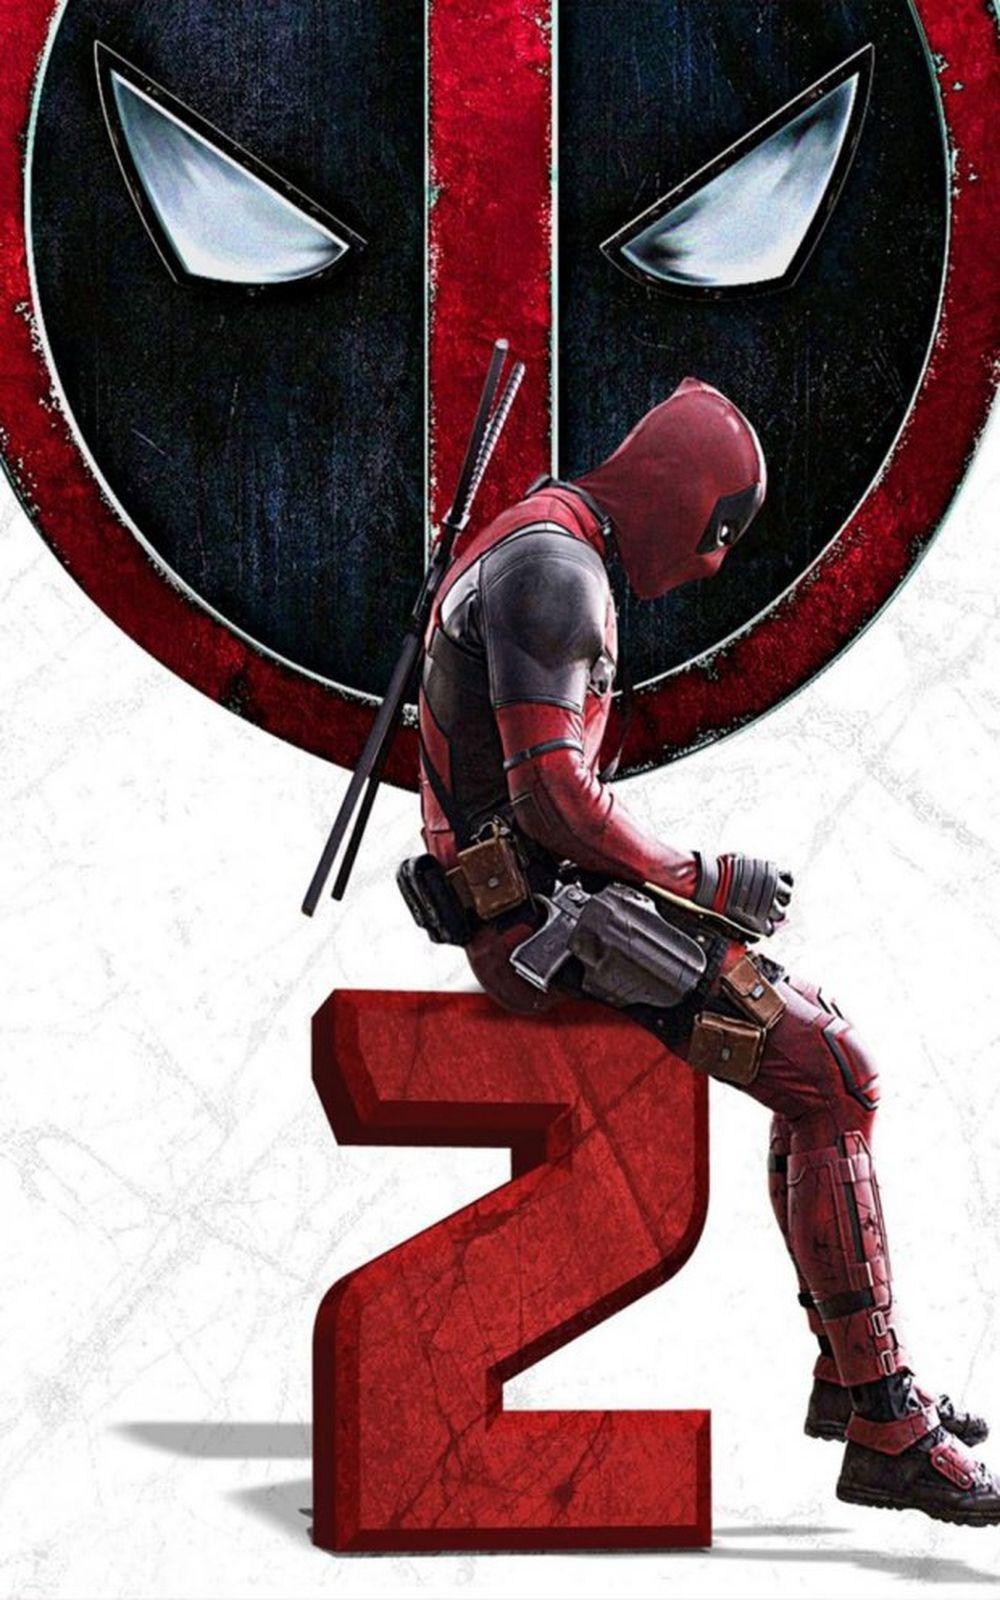 Sức hút mà Deadpool tạo ra không trùng lặp với bất cứ bộ phim siêu anh hùng nào, nhân vật \u201cphản anh hùng\u201d sẵn sàng phá vỡ mọi ranh giới ở những ...